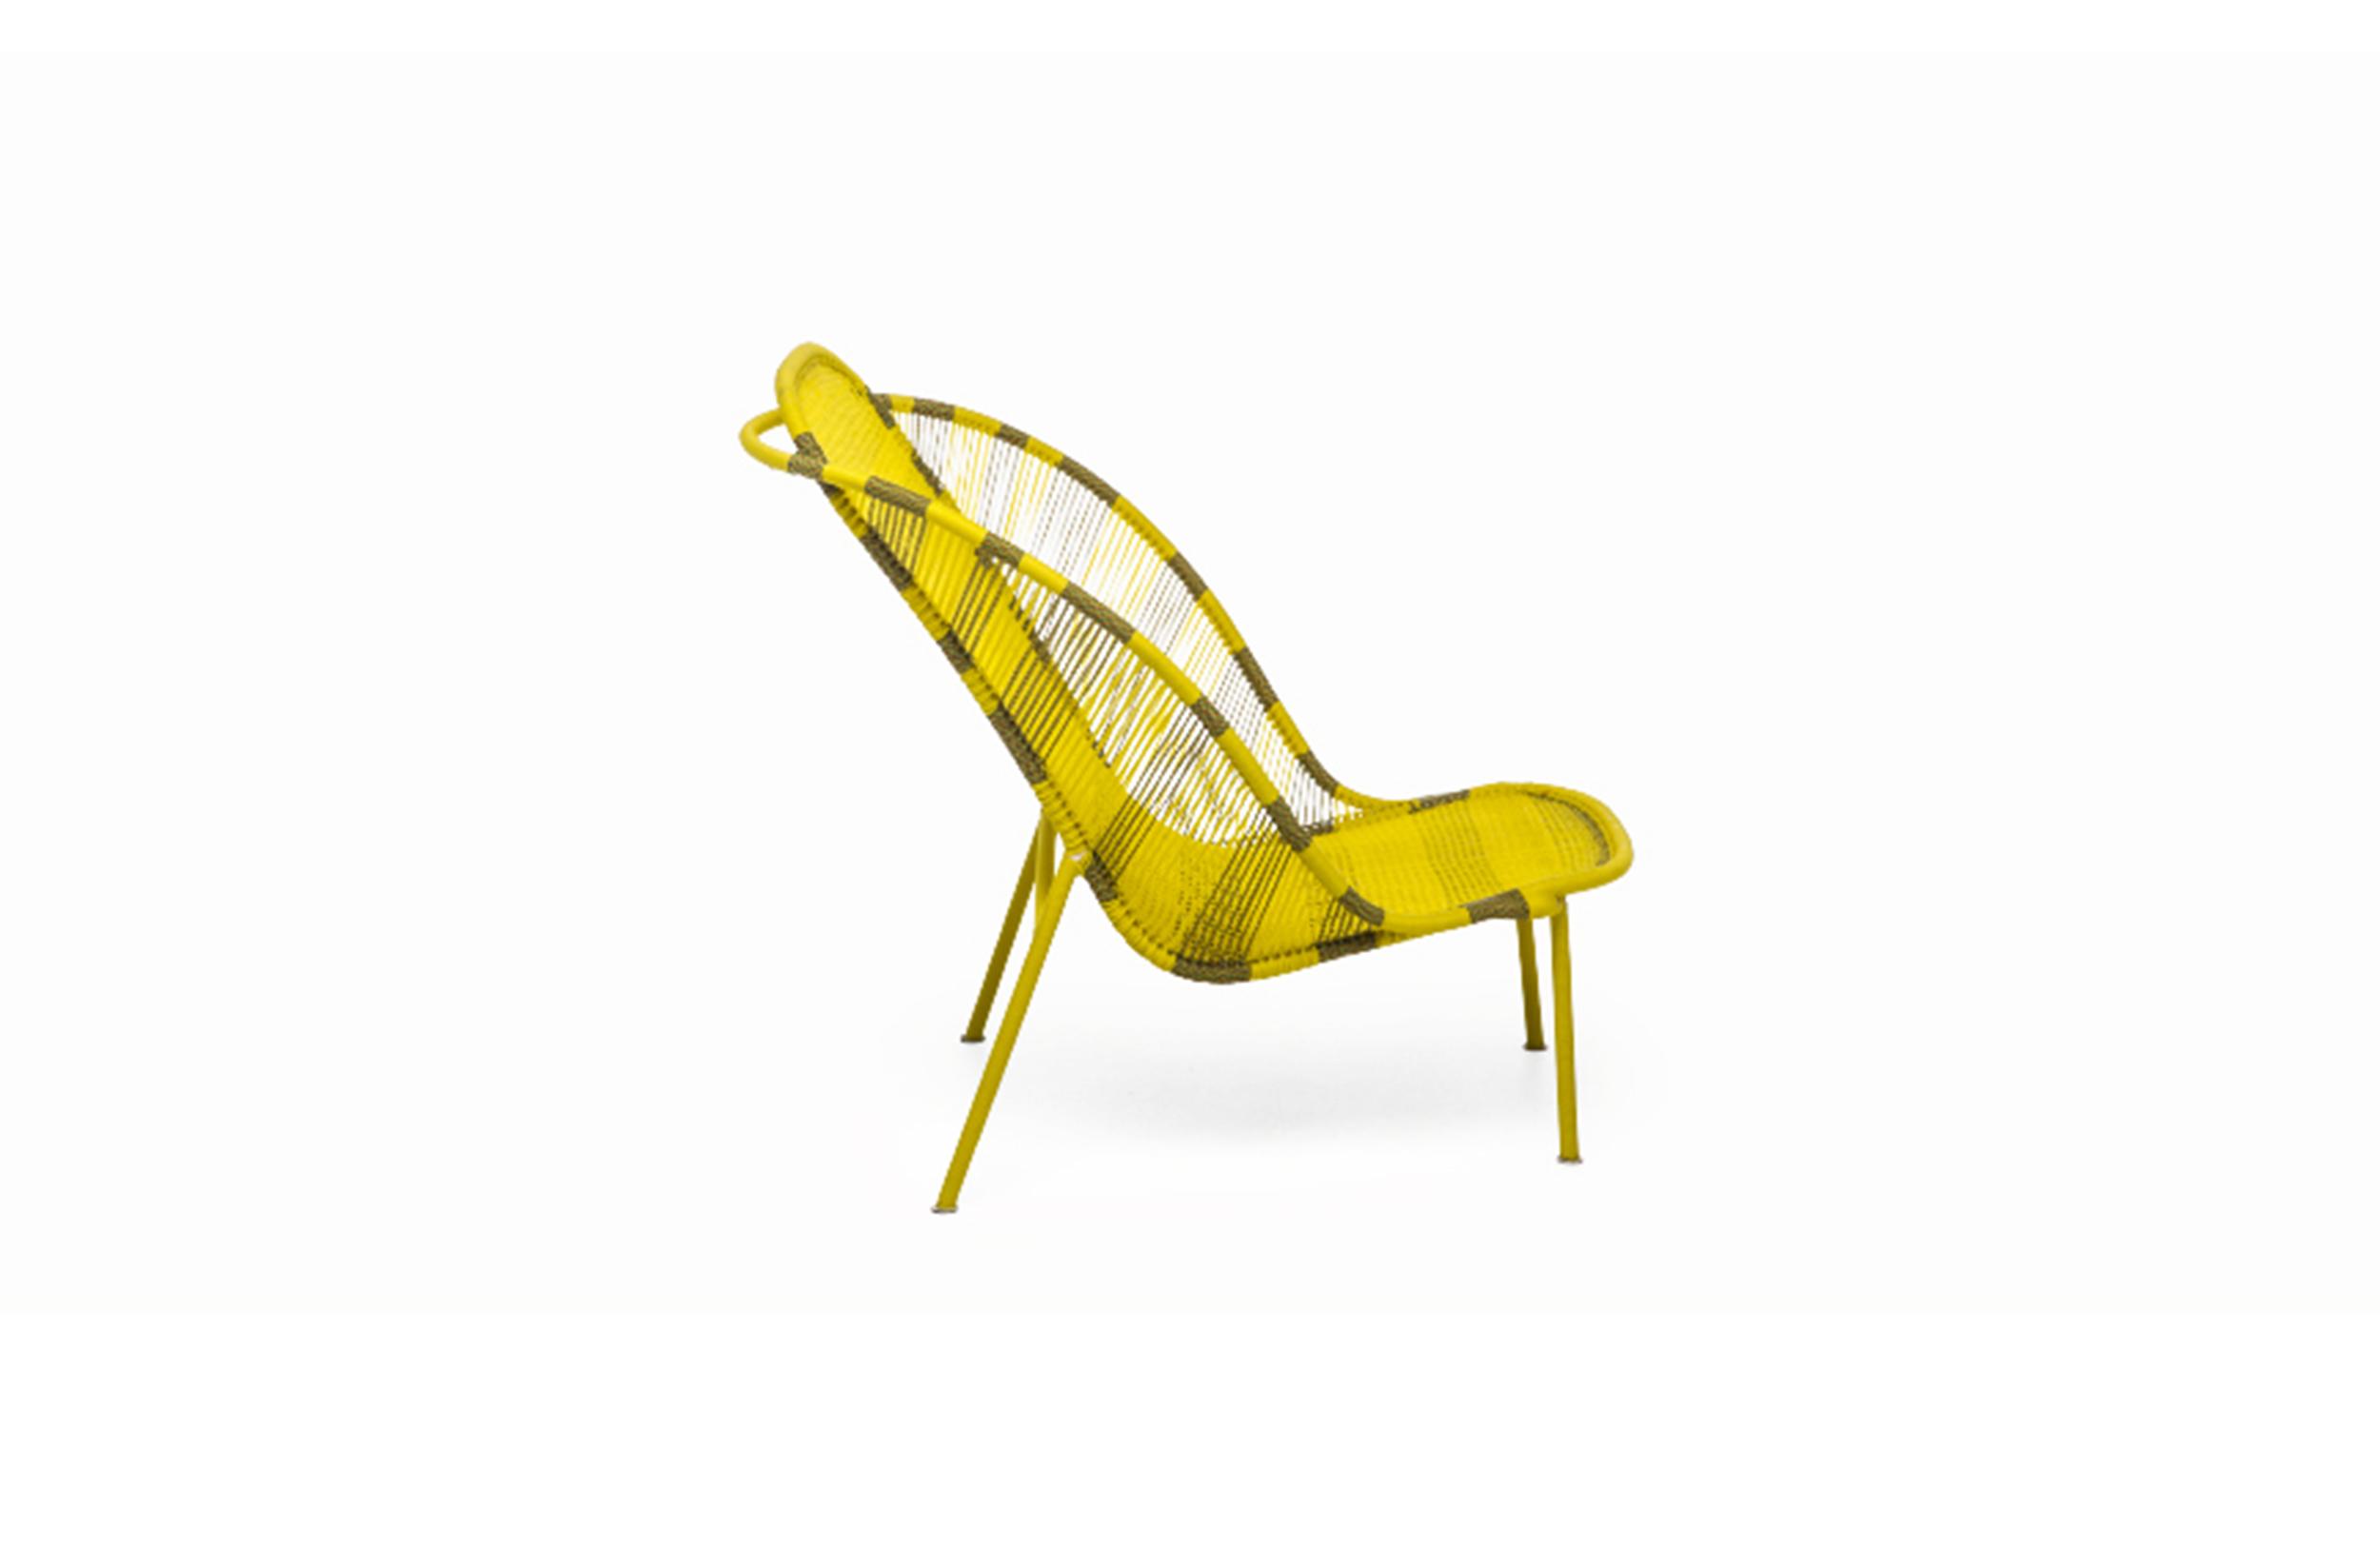 Federica Capitani Federica Capitani| Imba躺椅 Imba-chaise longue